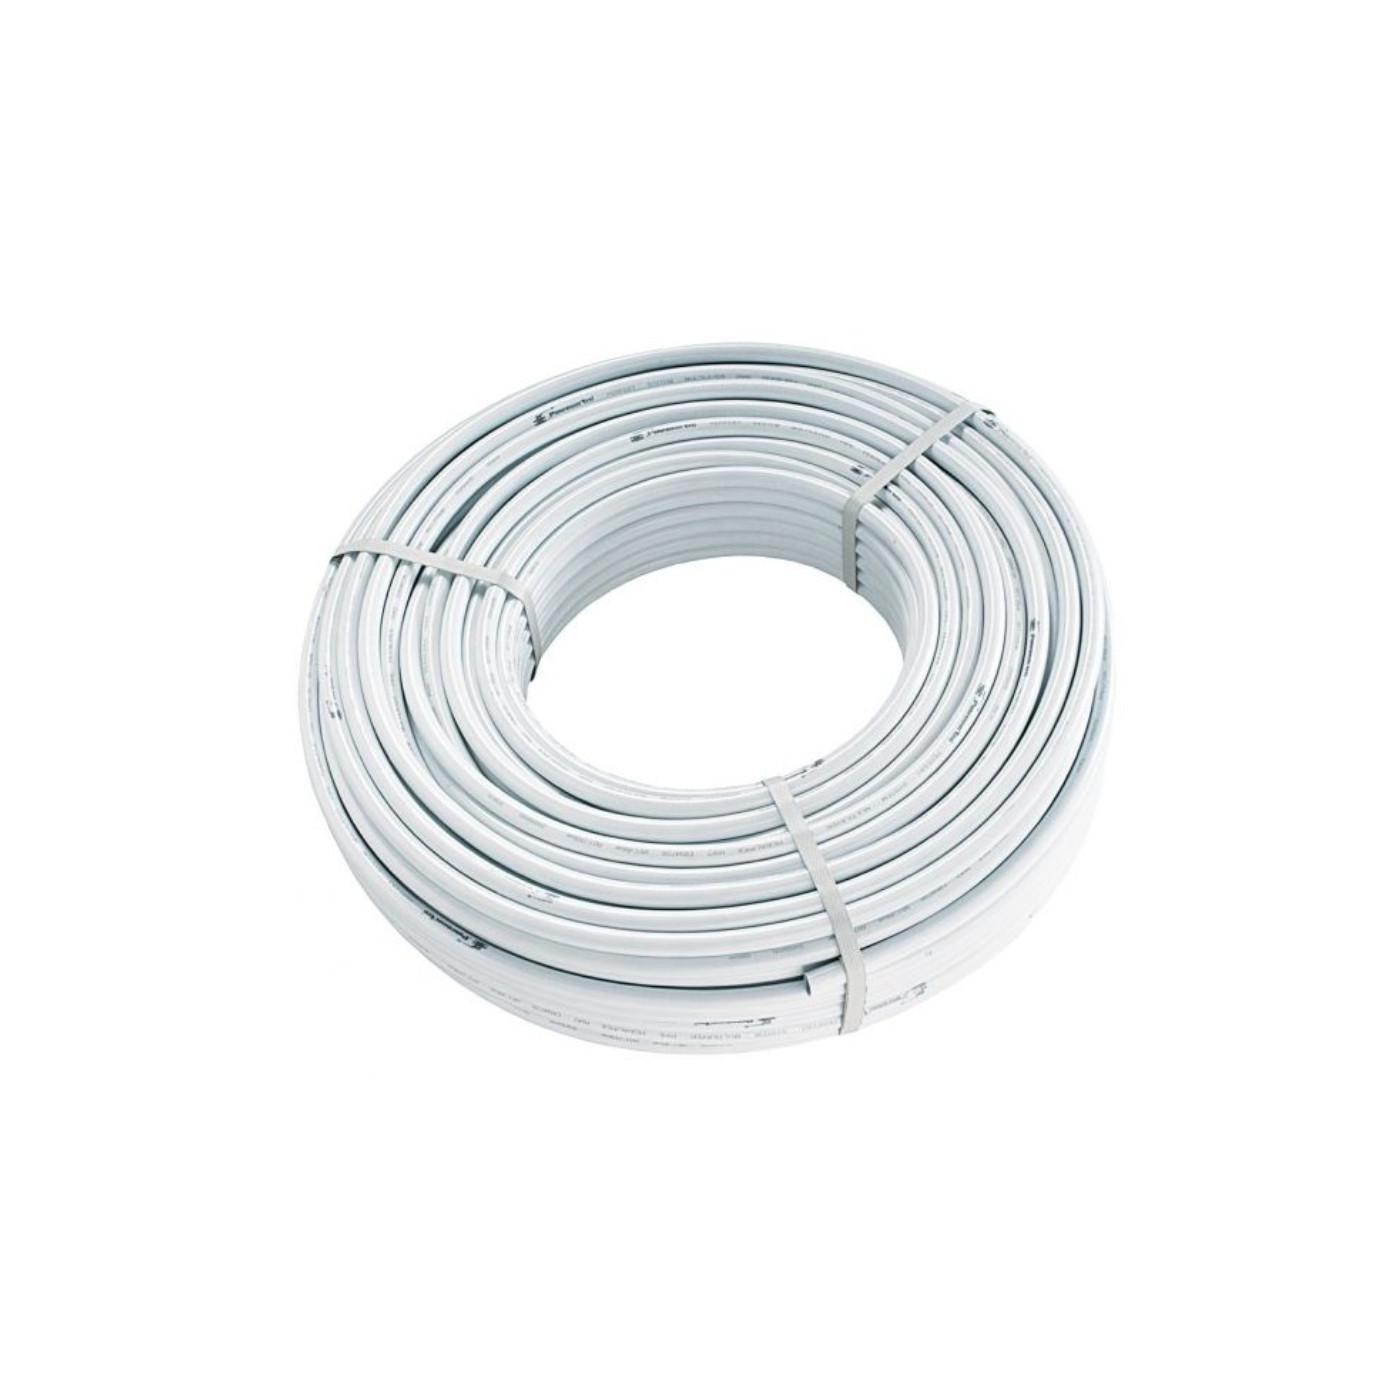 Rohr Mehrschichtverbundrohr Alu Metallverbundrohr 25 x 2,5 mm 50 Meter Rolle